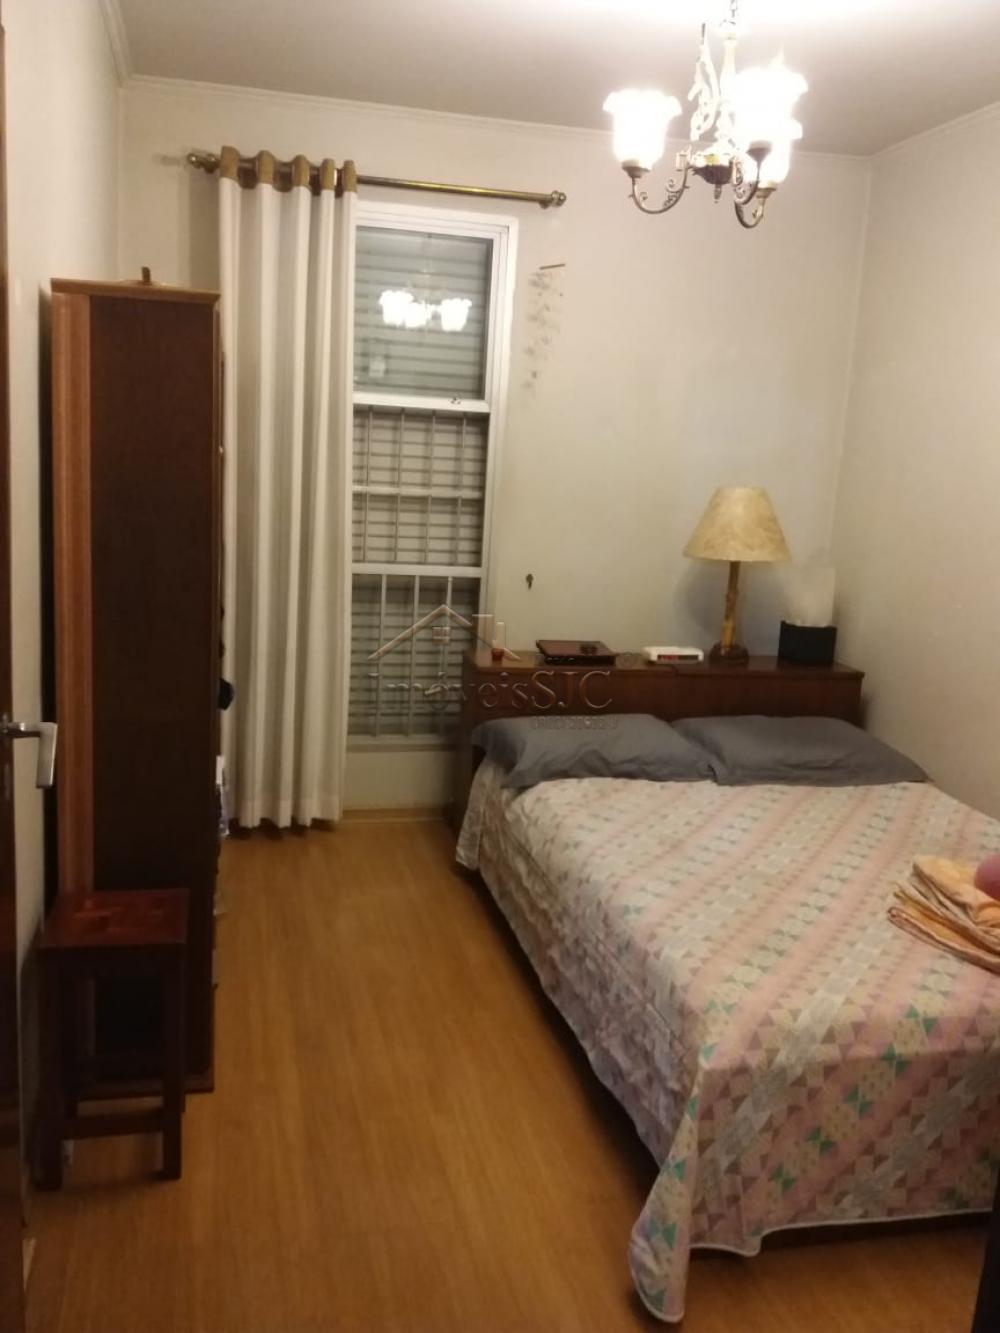 Comprar Apartamentos / Padrão em São José dos Campos apenas R$ 460.000,00 - Foto 10